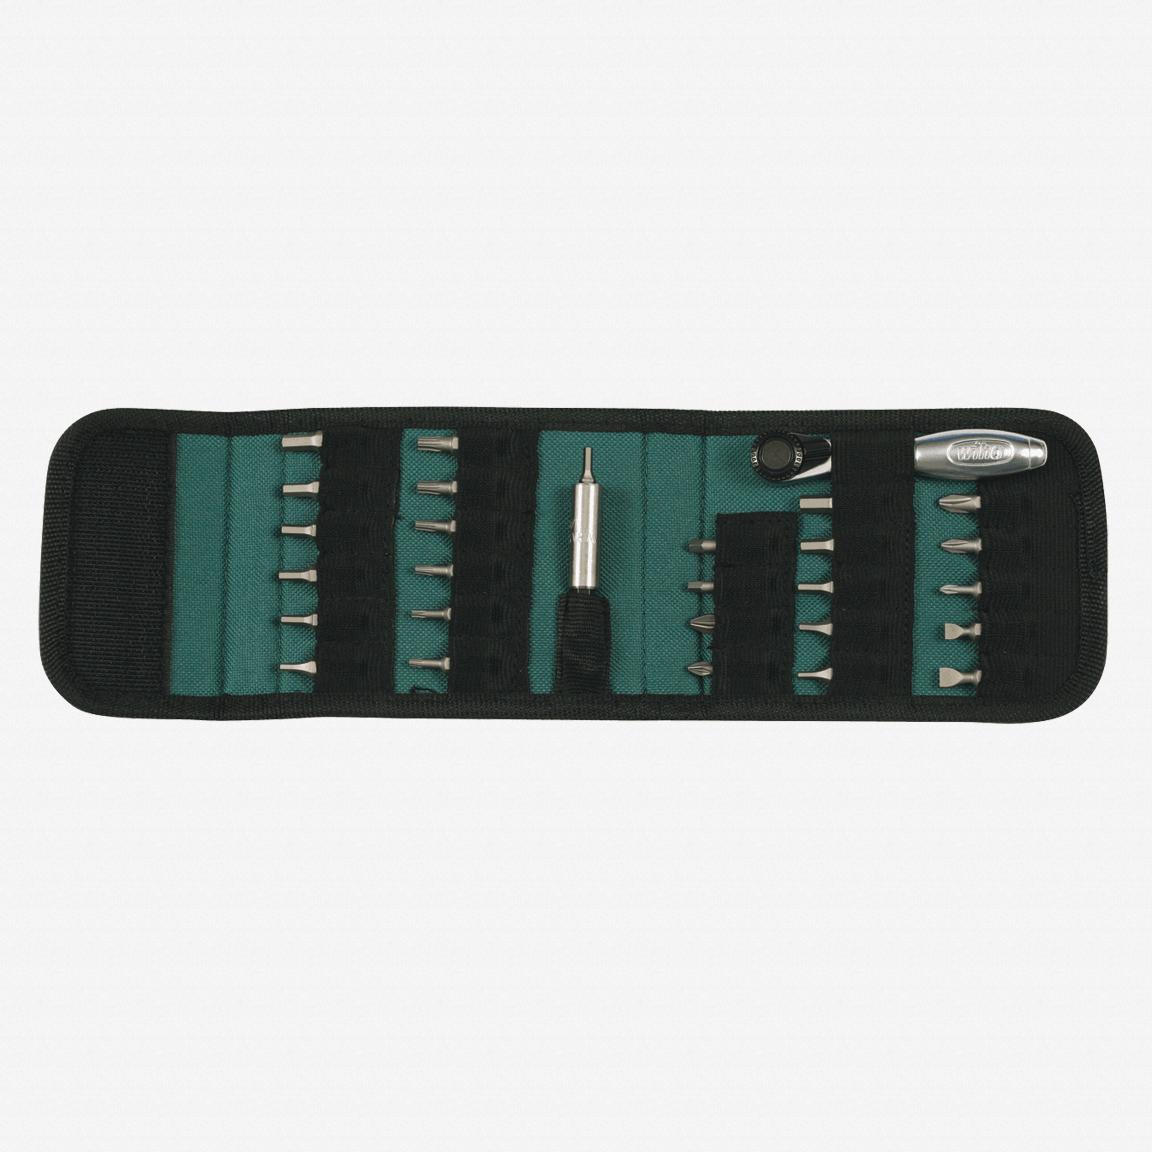 Wiha 74992 28 Piece Bit Ratchet Compact Pouch Set - KC Tool